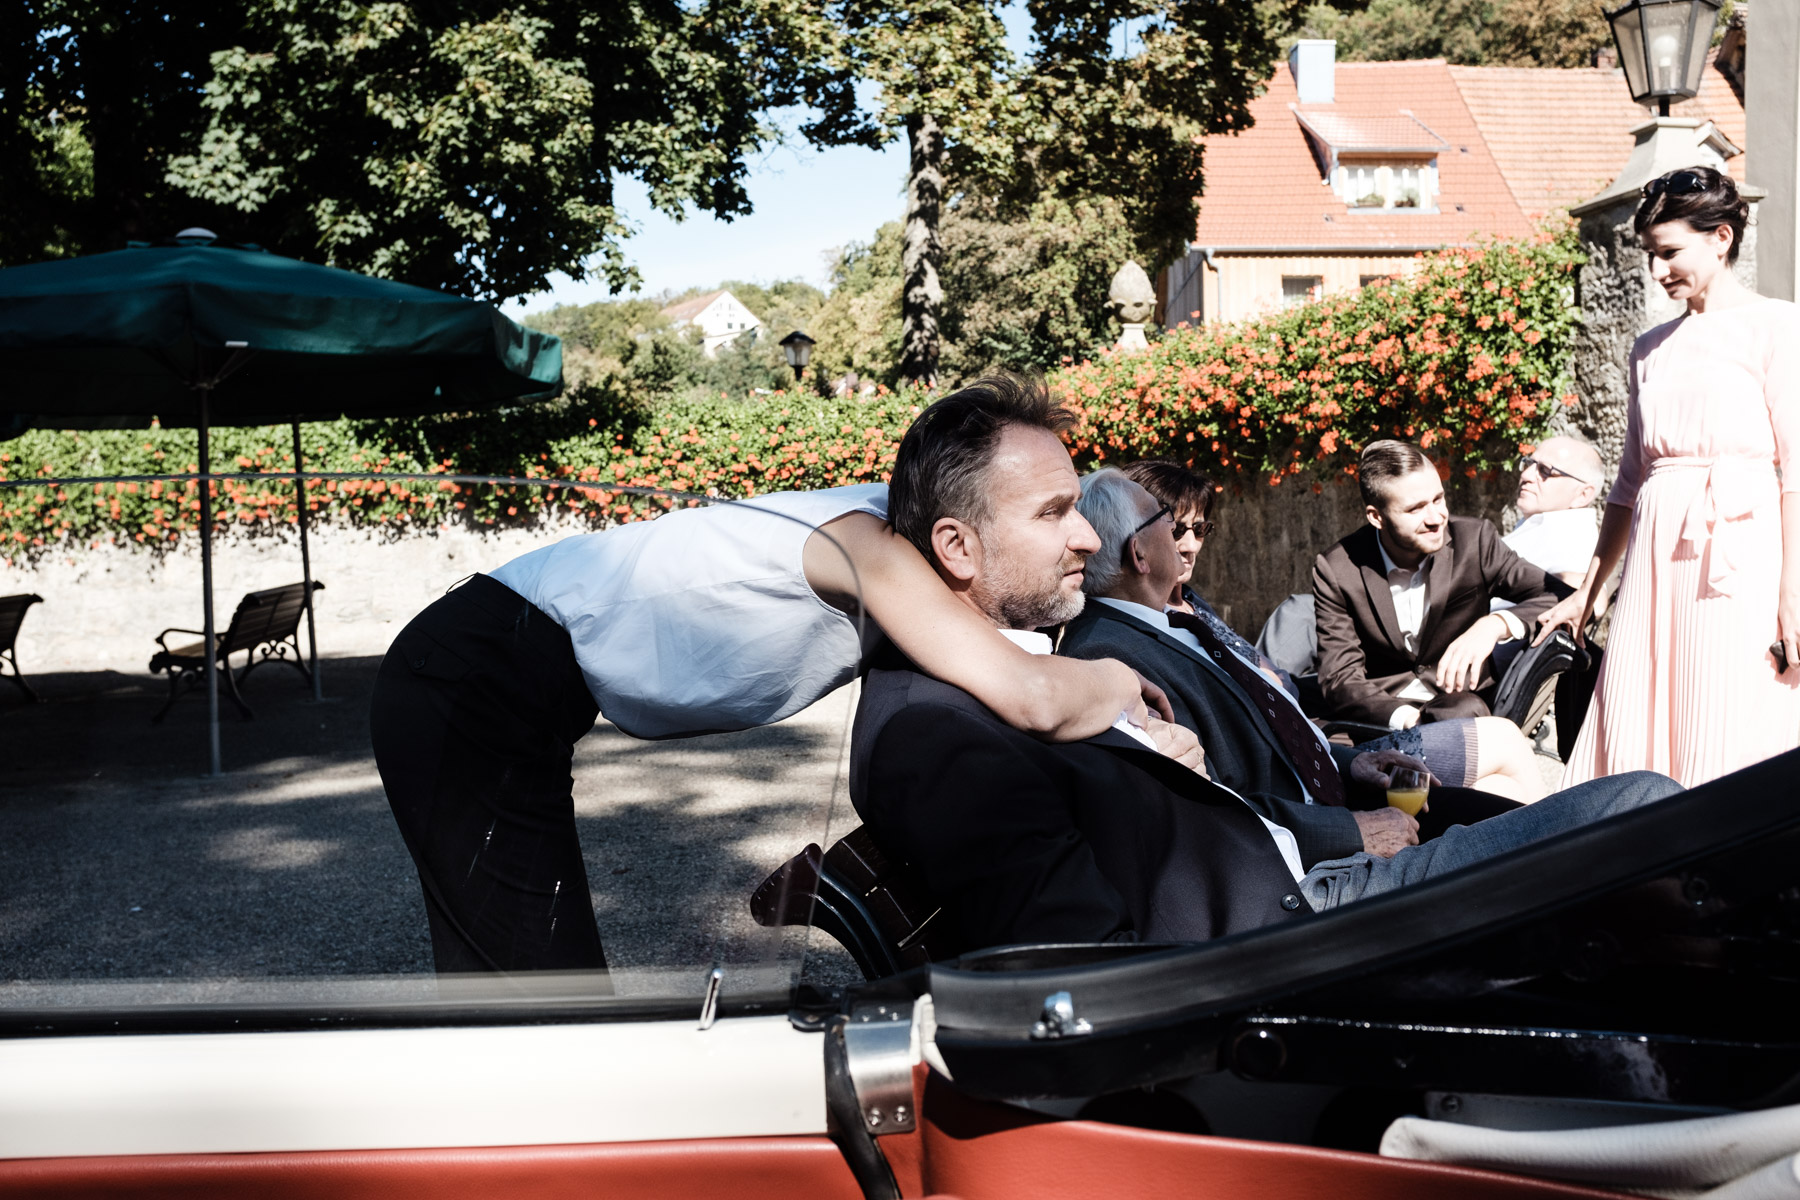 MartinLiebl_Kein_Hochzeitsfotograf_Blog_CWF_Bad_Neustadt_41.jpg